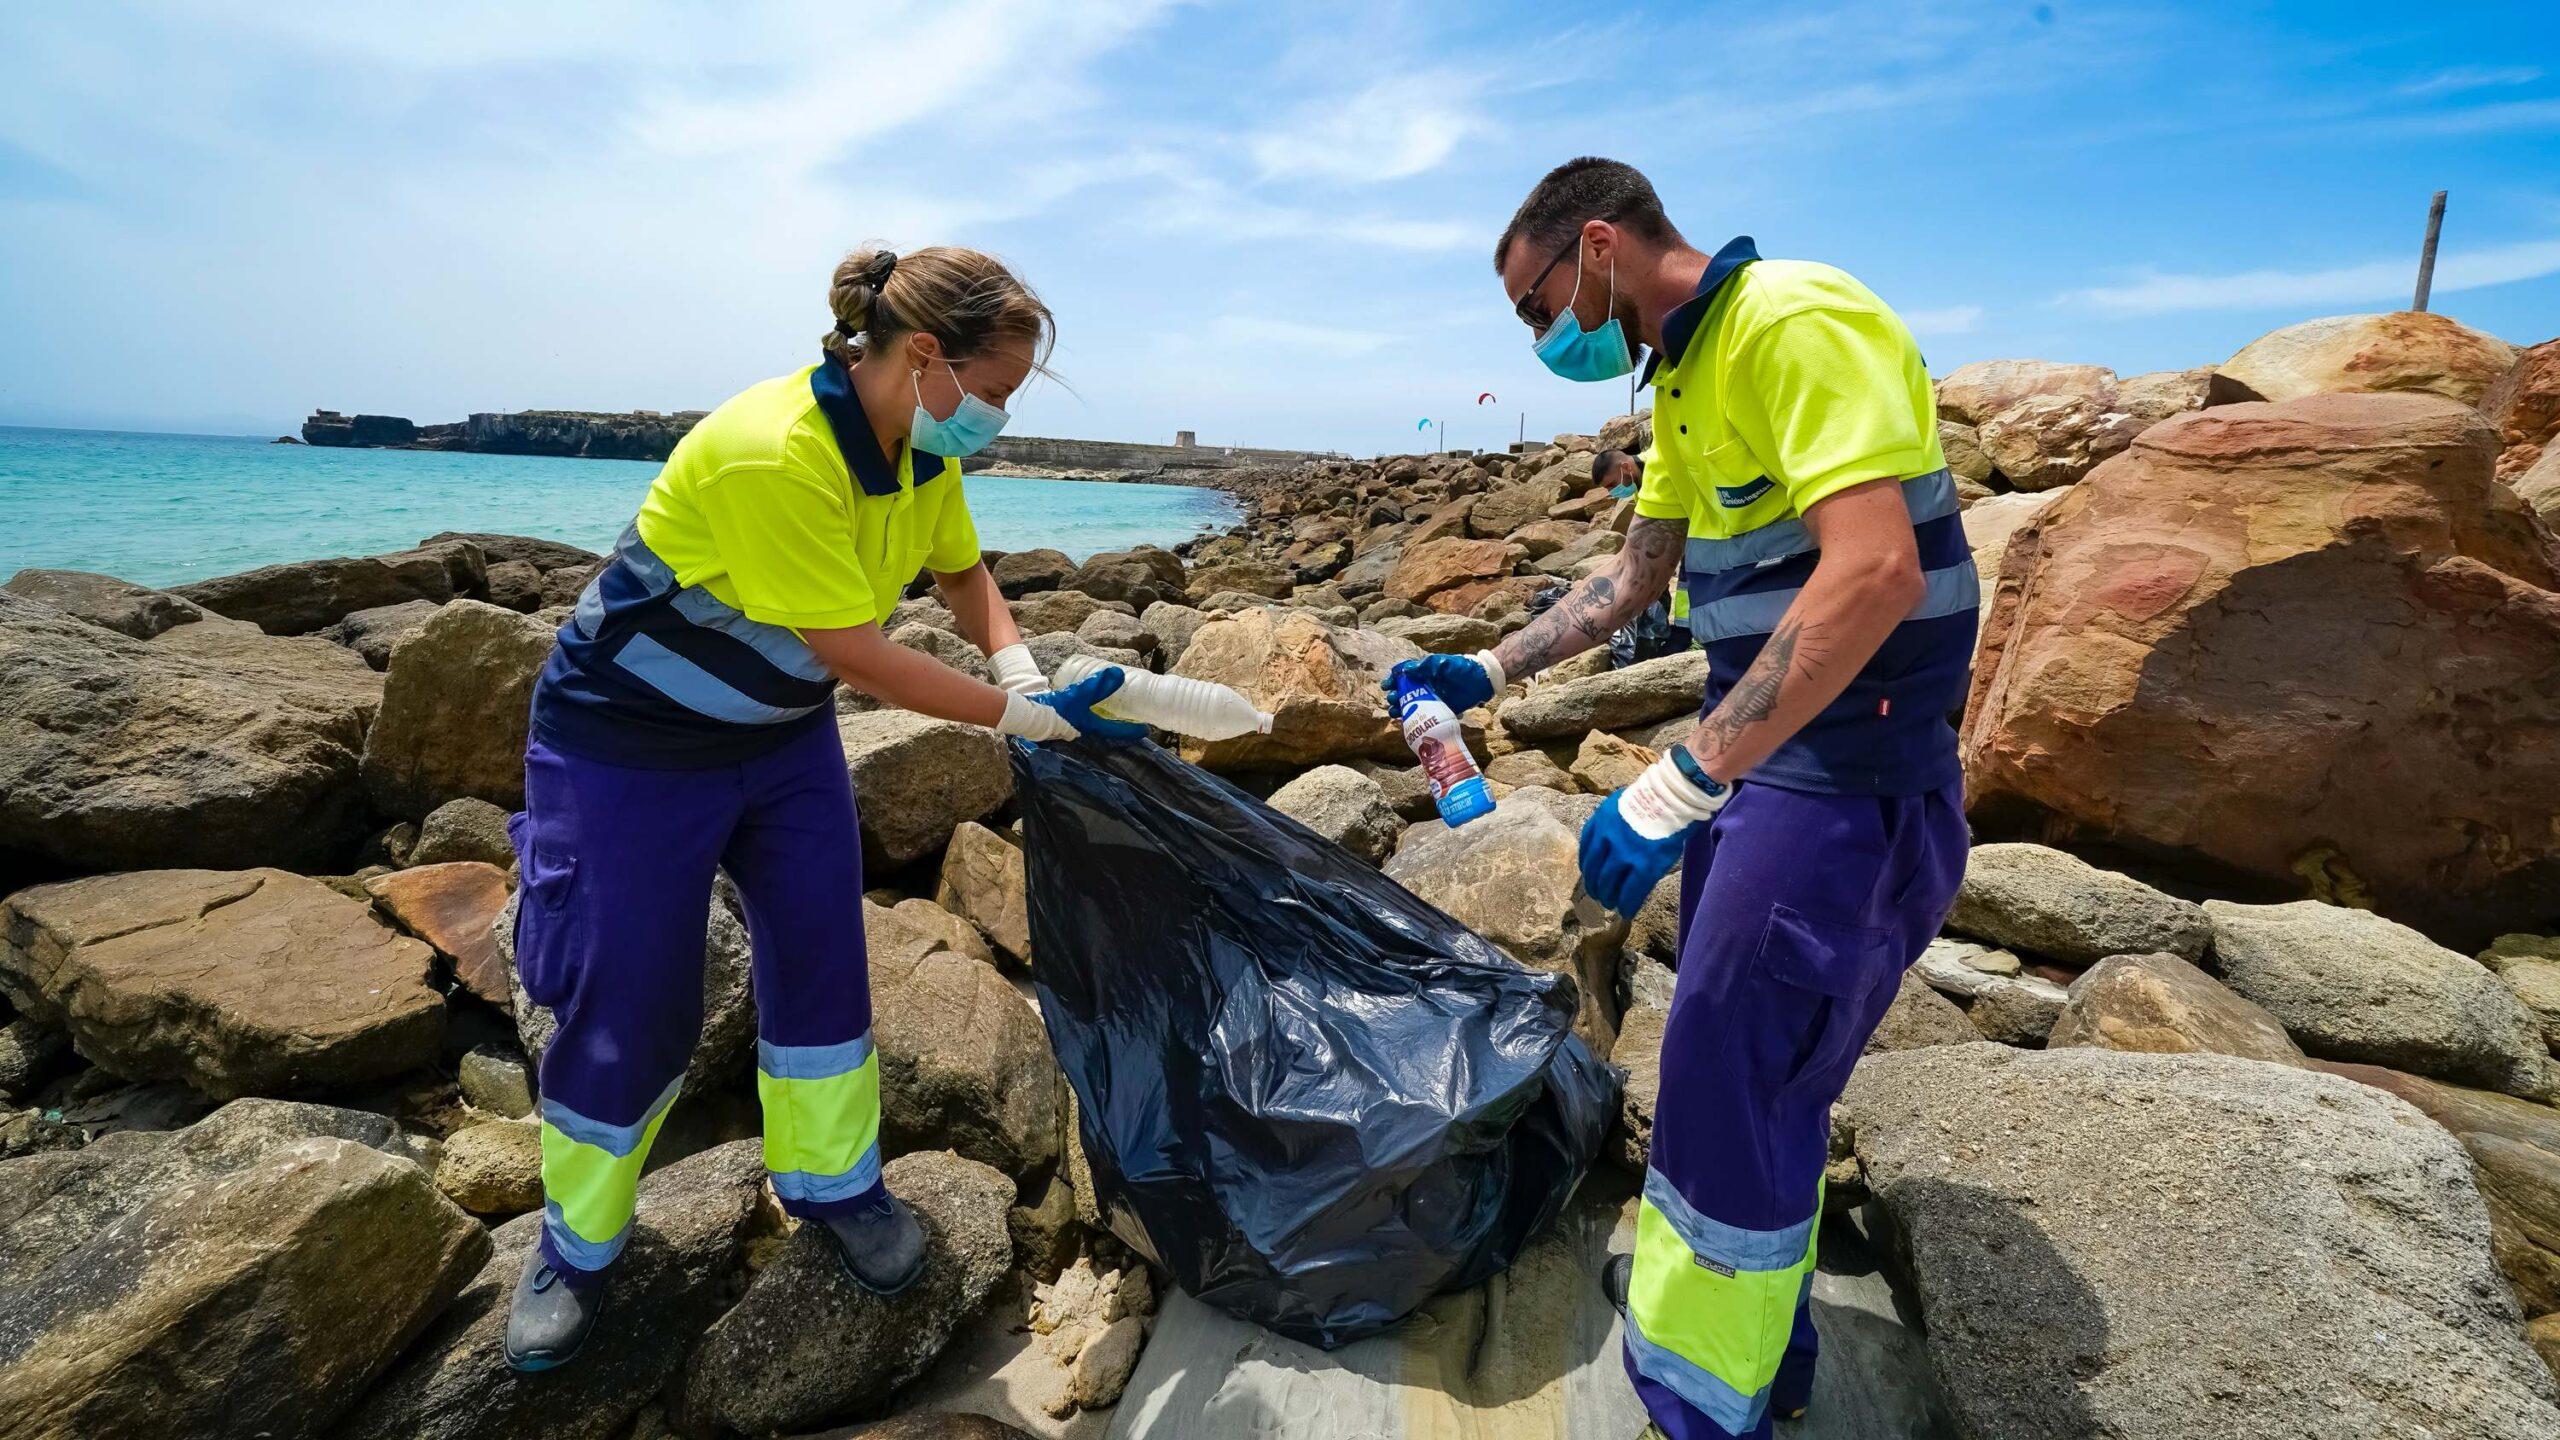 Arranca la tercera y última semana de limpieza del litoral de dominio portuario de Algeciras